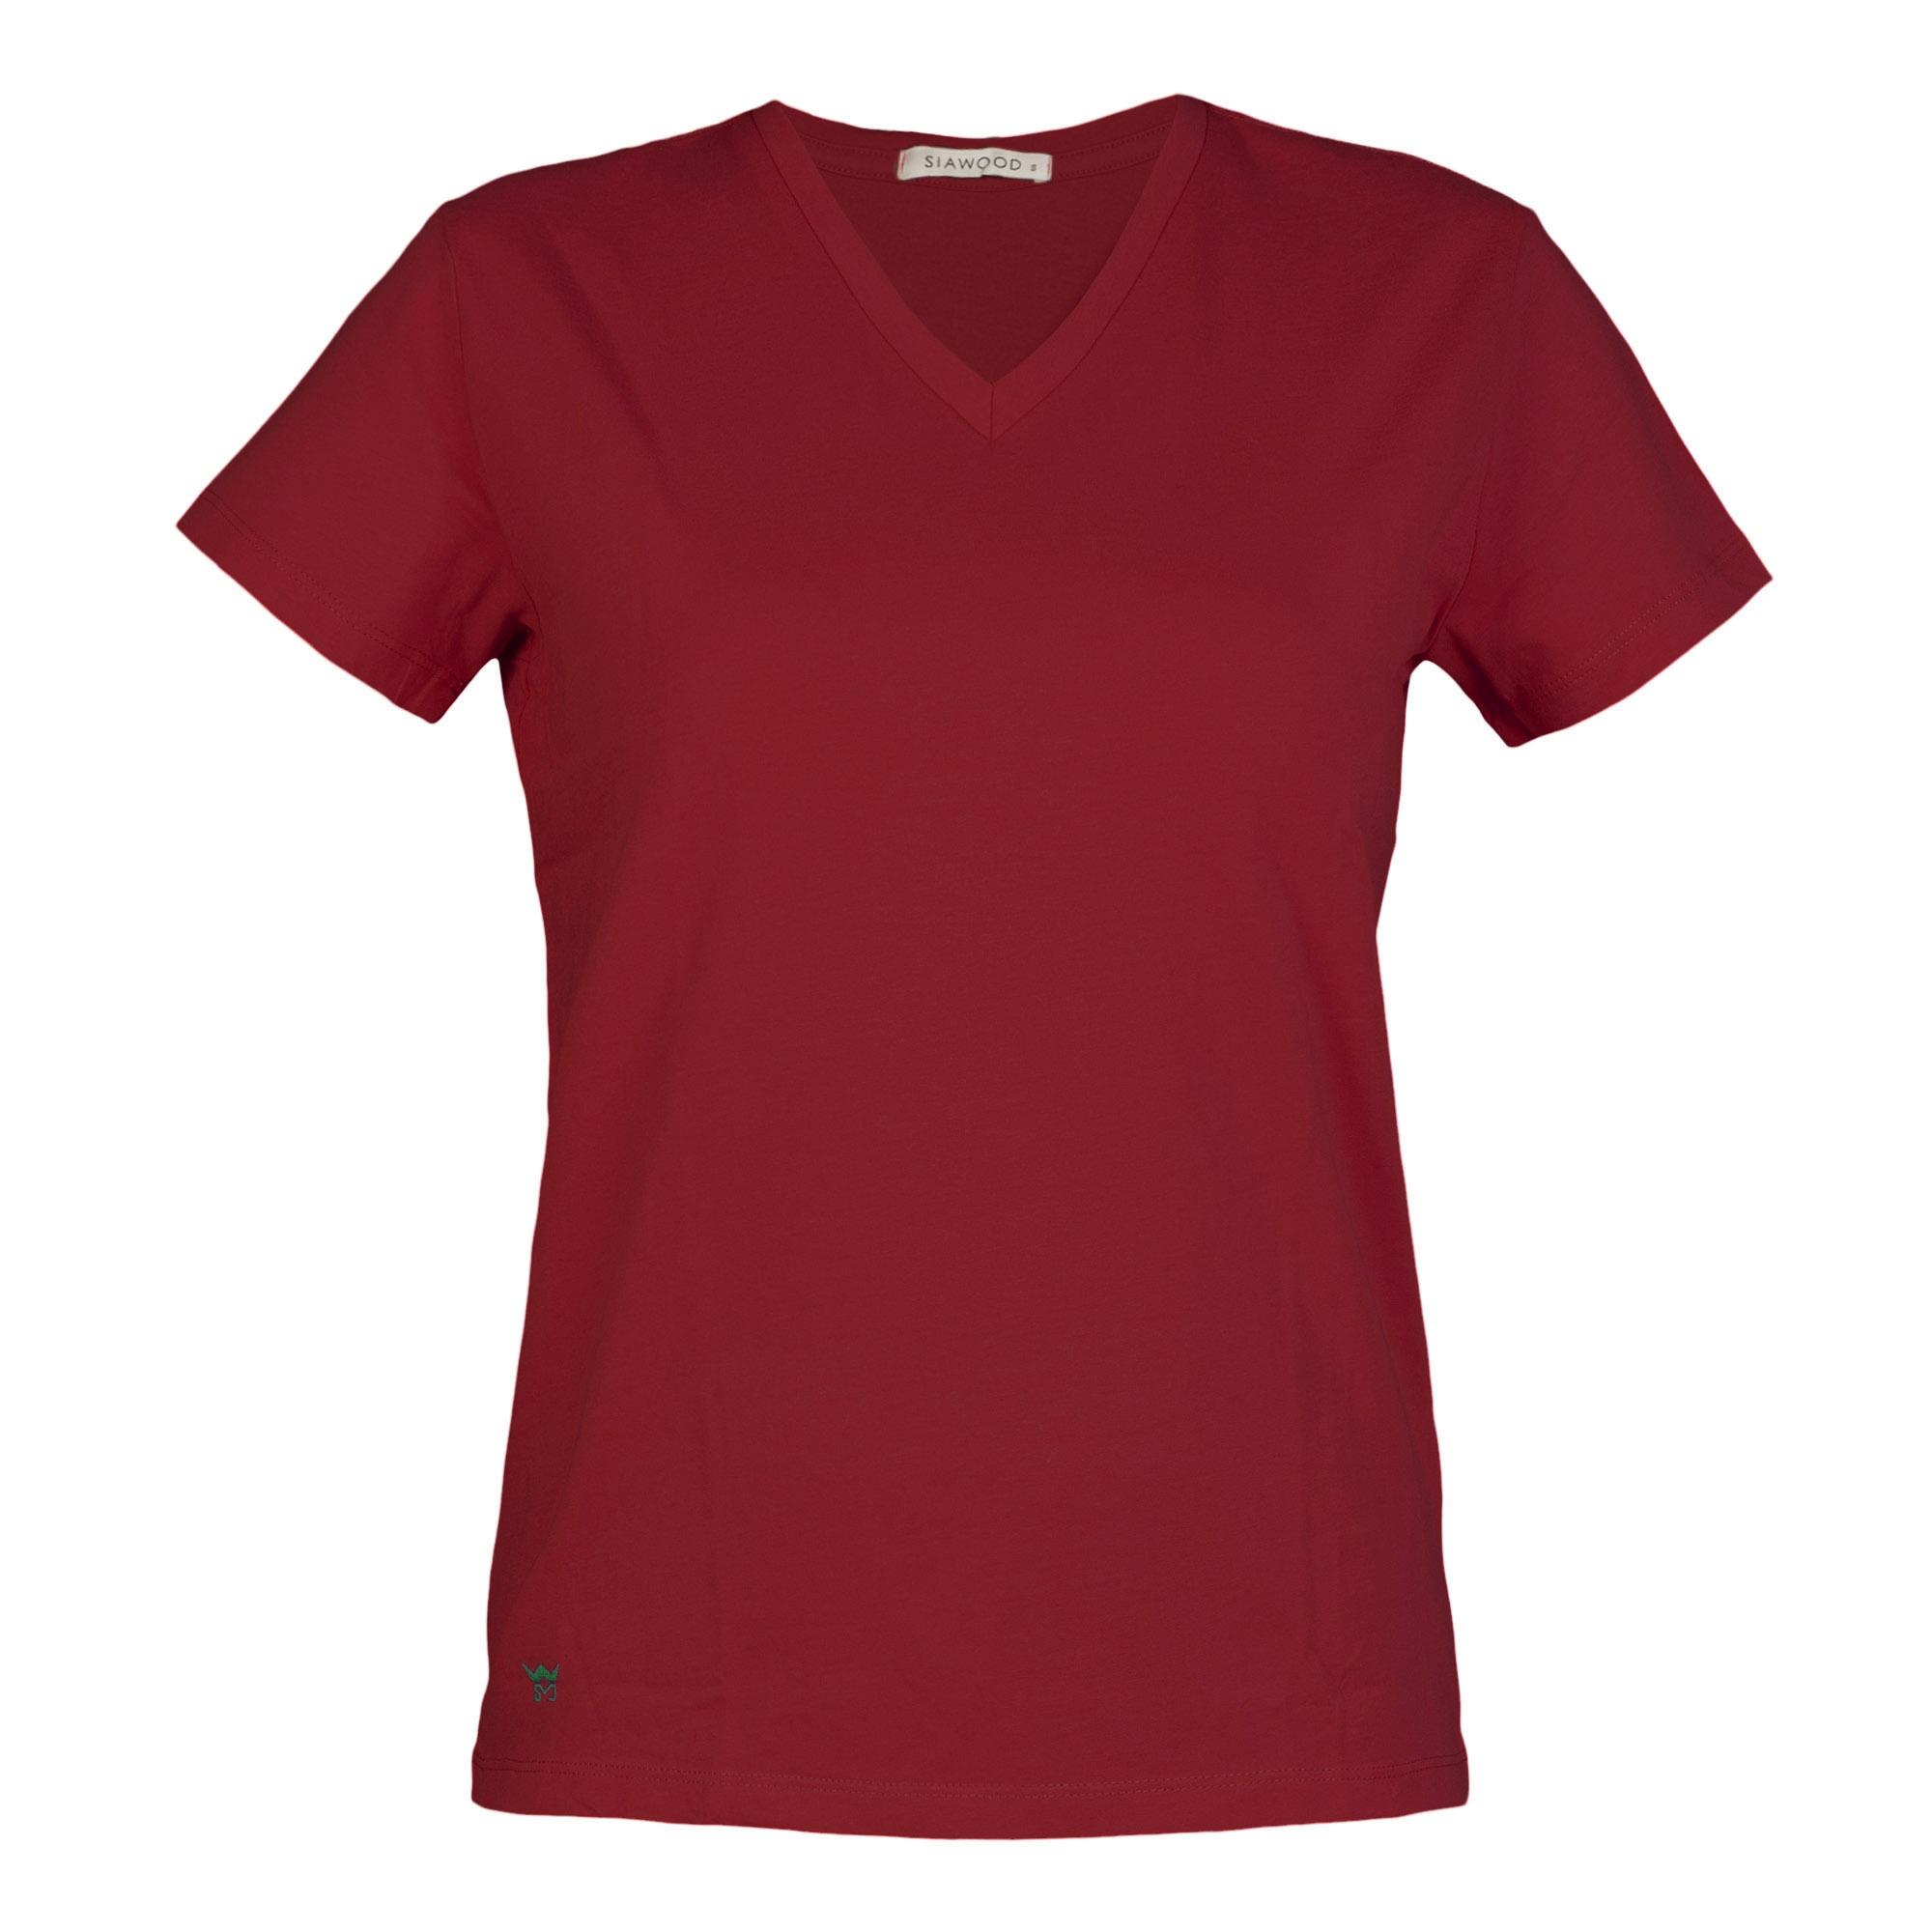 تي شرت زنانه سیاوود مدل V-BASIC کد 6100400-R0211 رنگ زرشکي